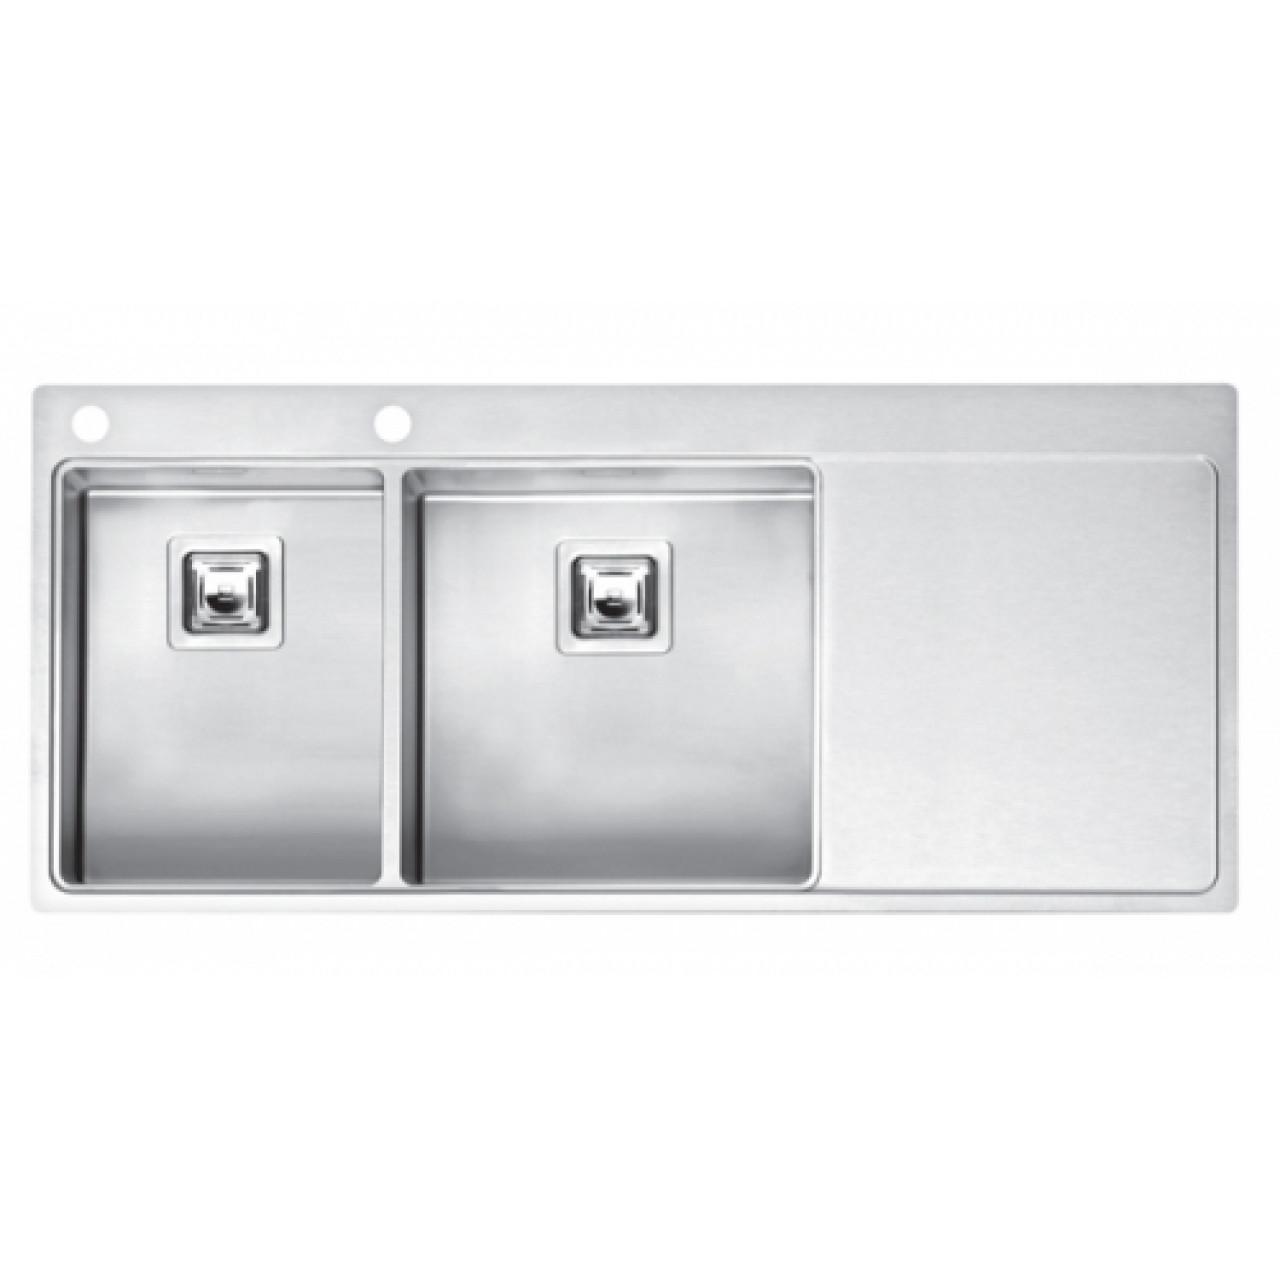 Кухонная мойка Reginox Nevada 30x40 LUX OKG Left/Right 43107/43108 купить в Москве по цене от 96070р. в интернет-магазине mebel-v-vannu.ru